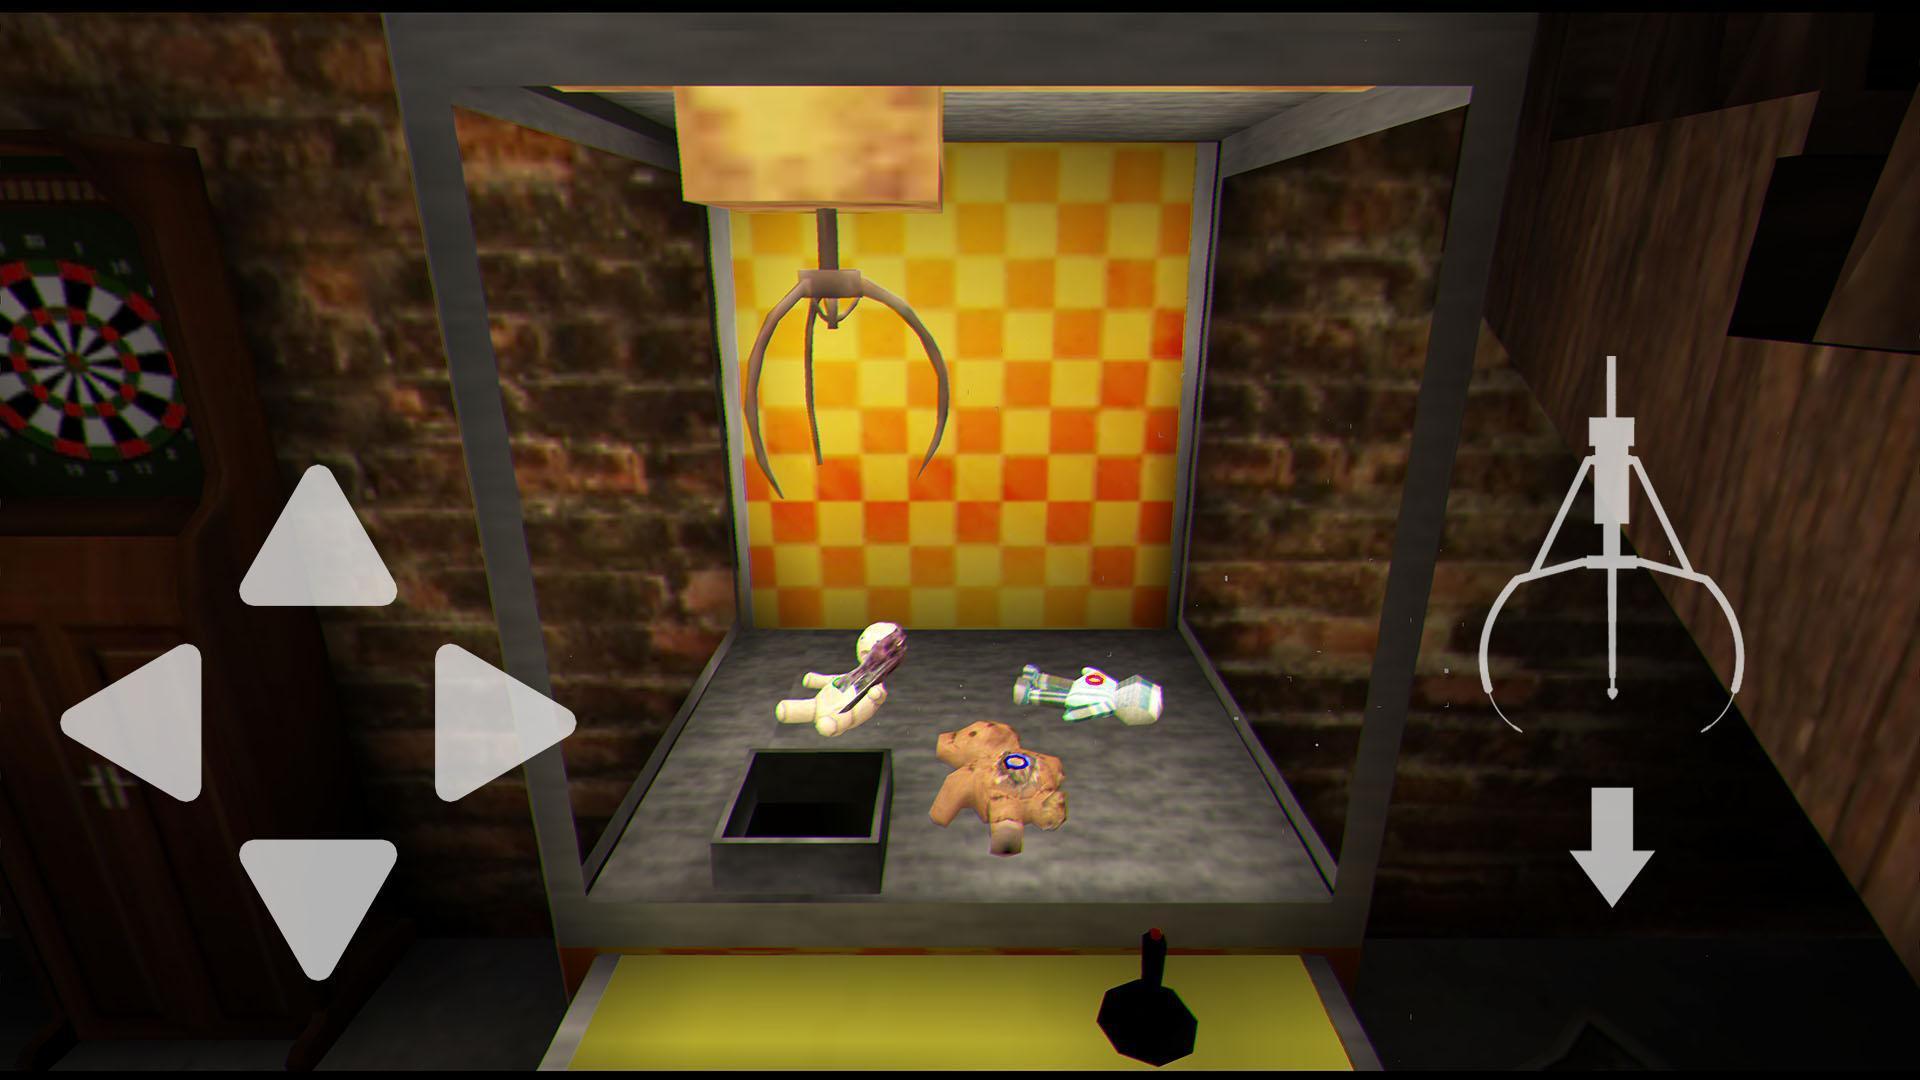 Dark Internet: ¡Juego de terror y supervivencia! 1.1.0 Screenshot 21